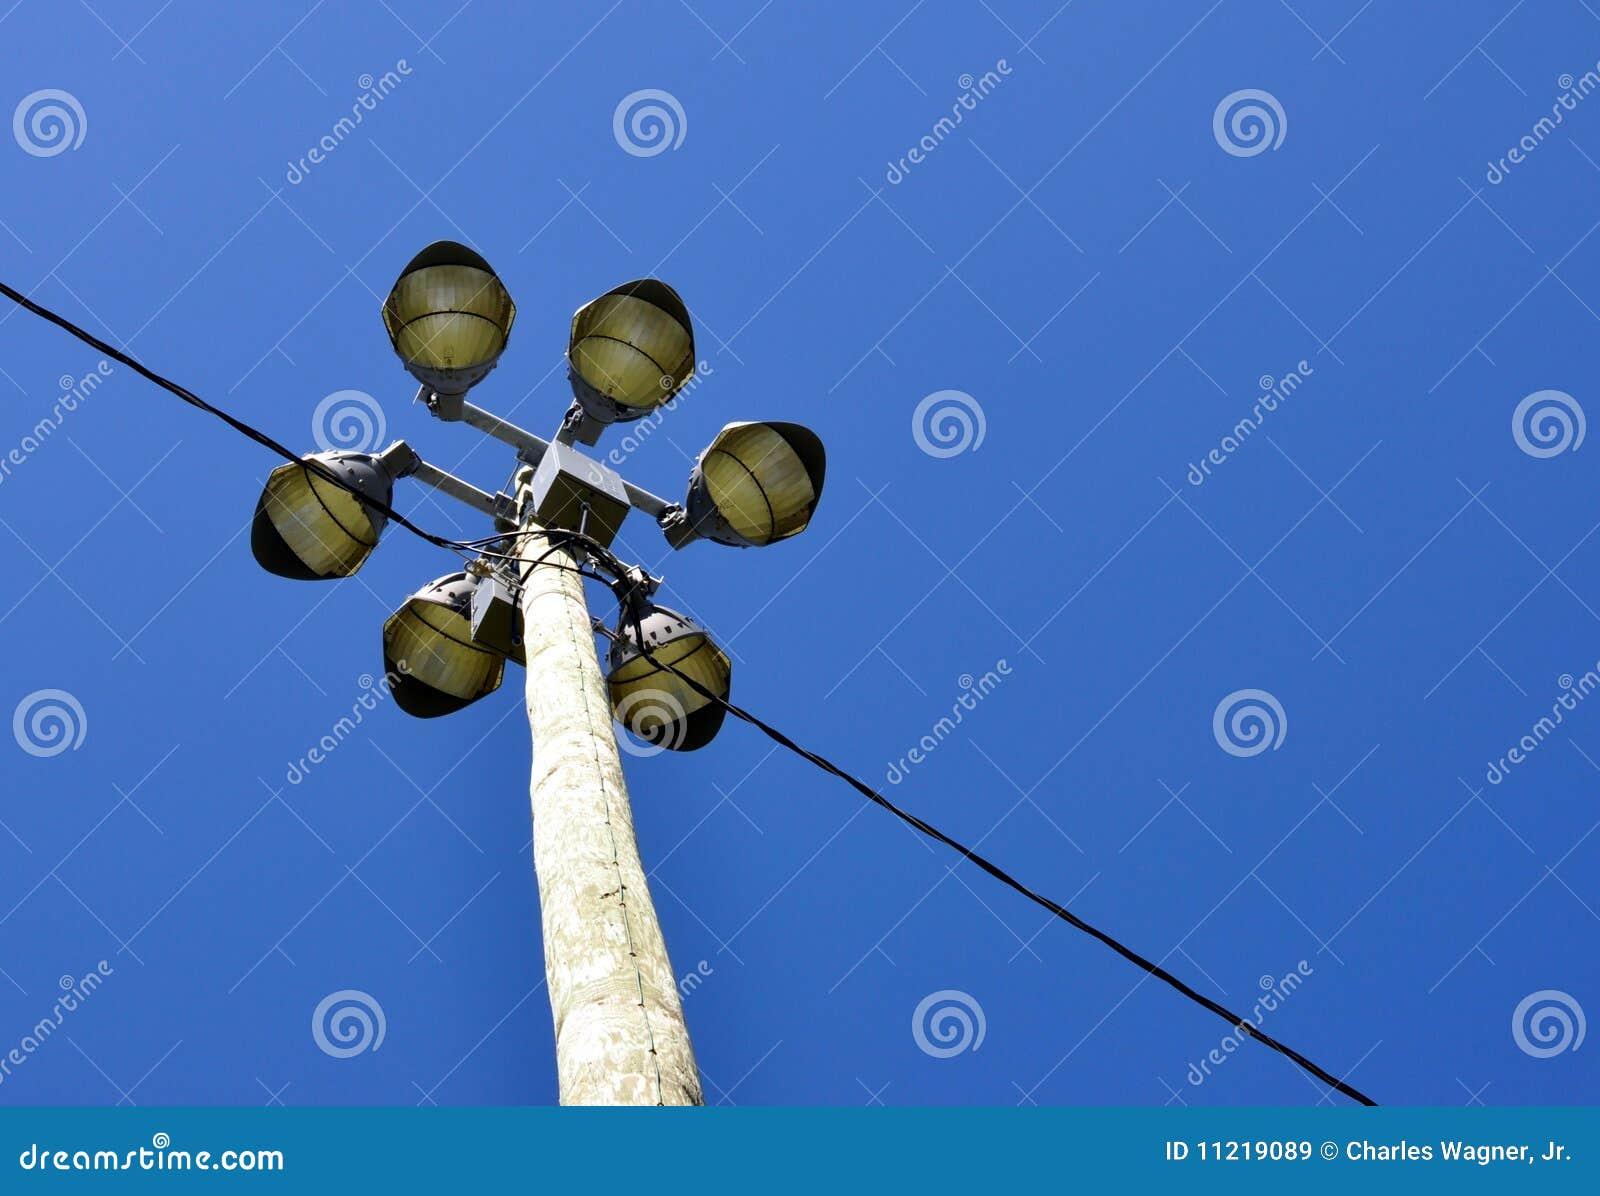 download de norm van de verlichting van het stadion stock afbeelding afbeelding bestaande uit floodlights